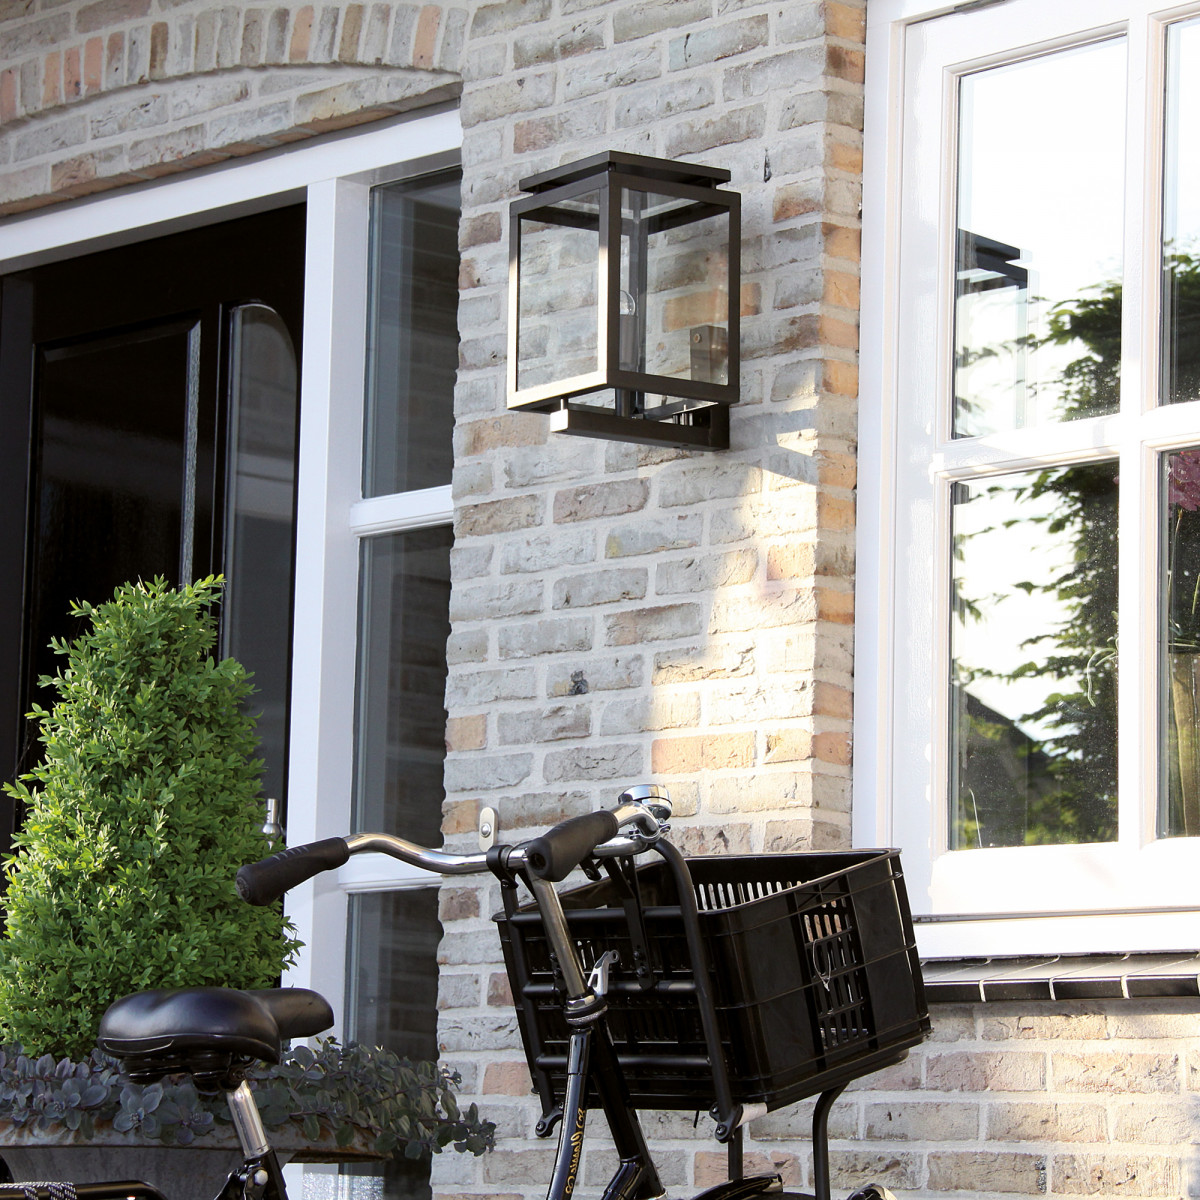 Buitenverlichting, buitenlamp Vecht, een origineel stijlvol tijdloos KS buitenlamp, de perfecte gevellamp, zwart strak klassieke gevelverlichting van KS Verlichting